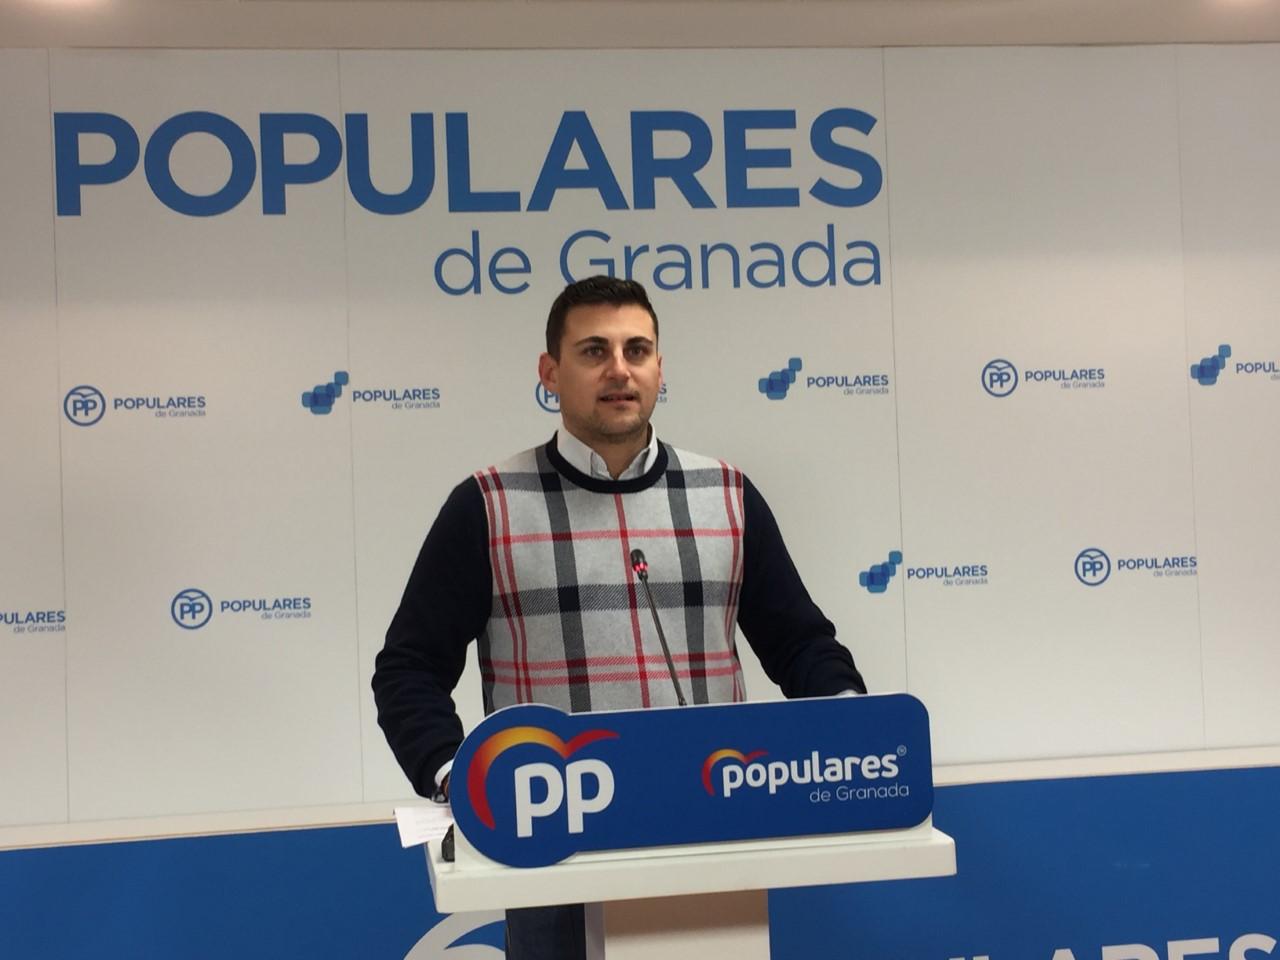 """El PP recrimina a Sánchez que """"atraque"""" a los andaluces """"a costa de los 537 millones de euros del IVA"""